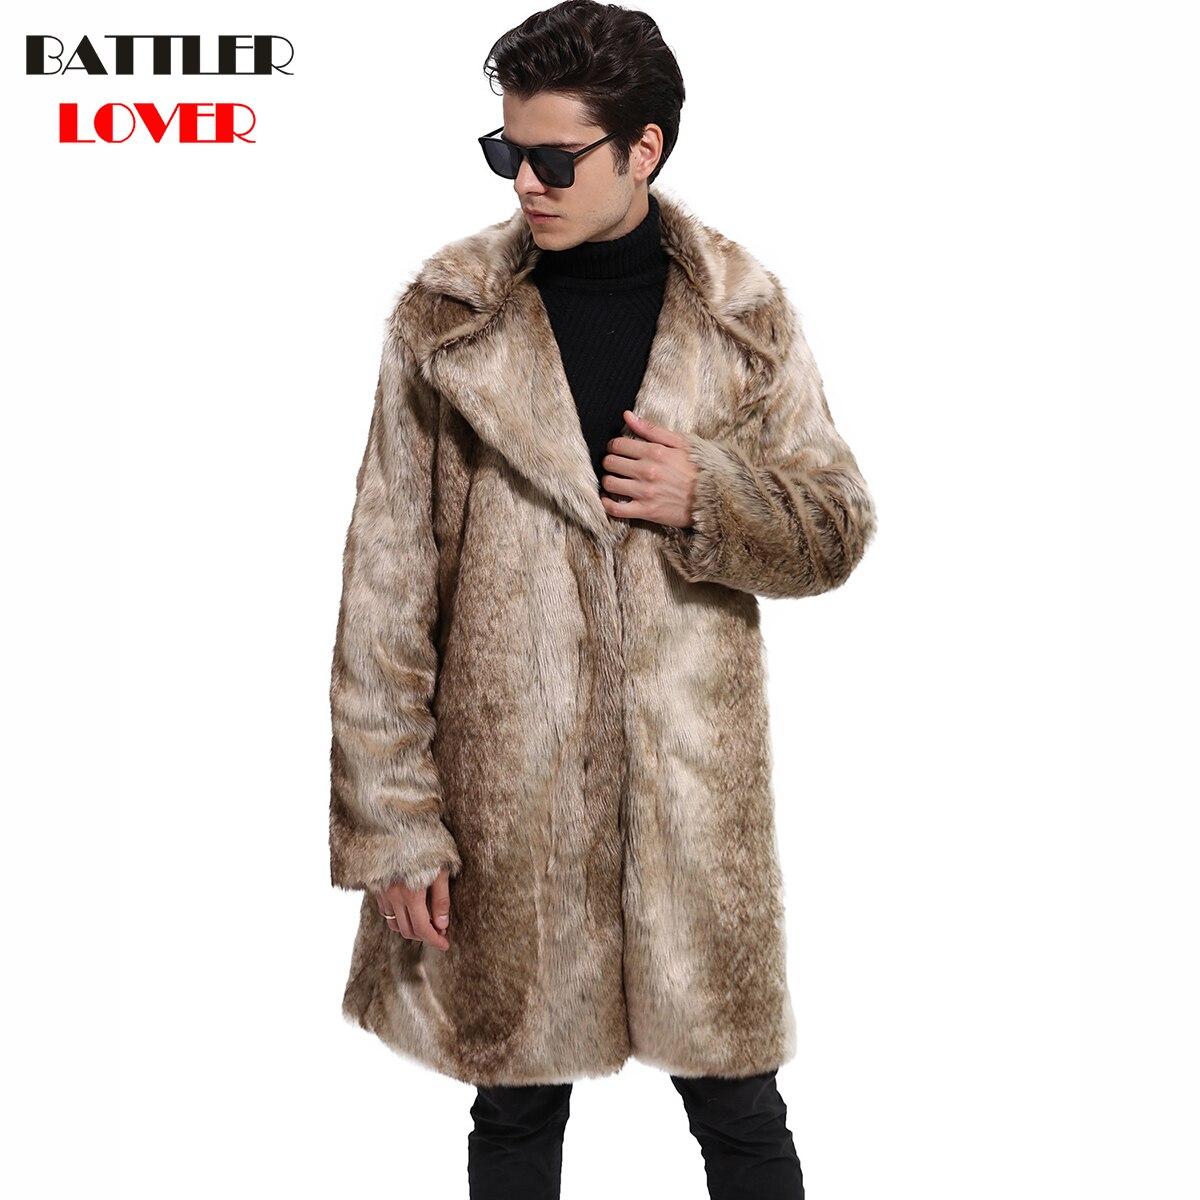 2018 Men Fur Coat Winter Warm Outwear Coats Faux Fur Men Punk Parkas Jackets Hombre Leather Overcoats Genuine Fur Brand Clothing